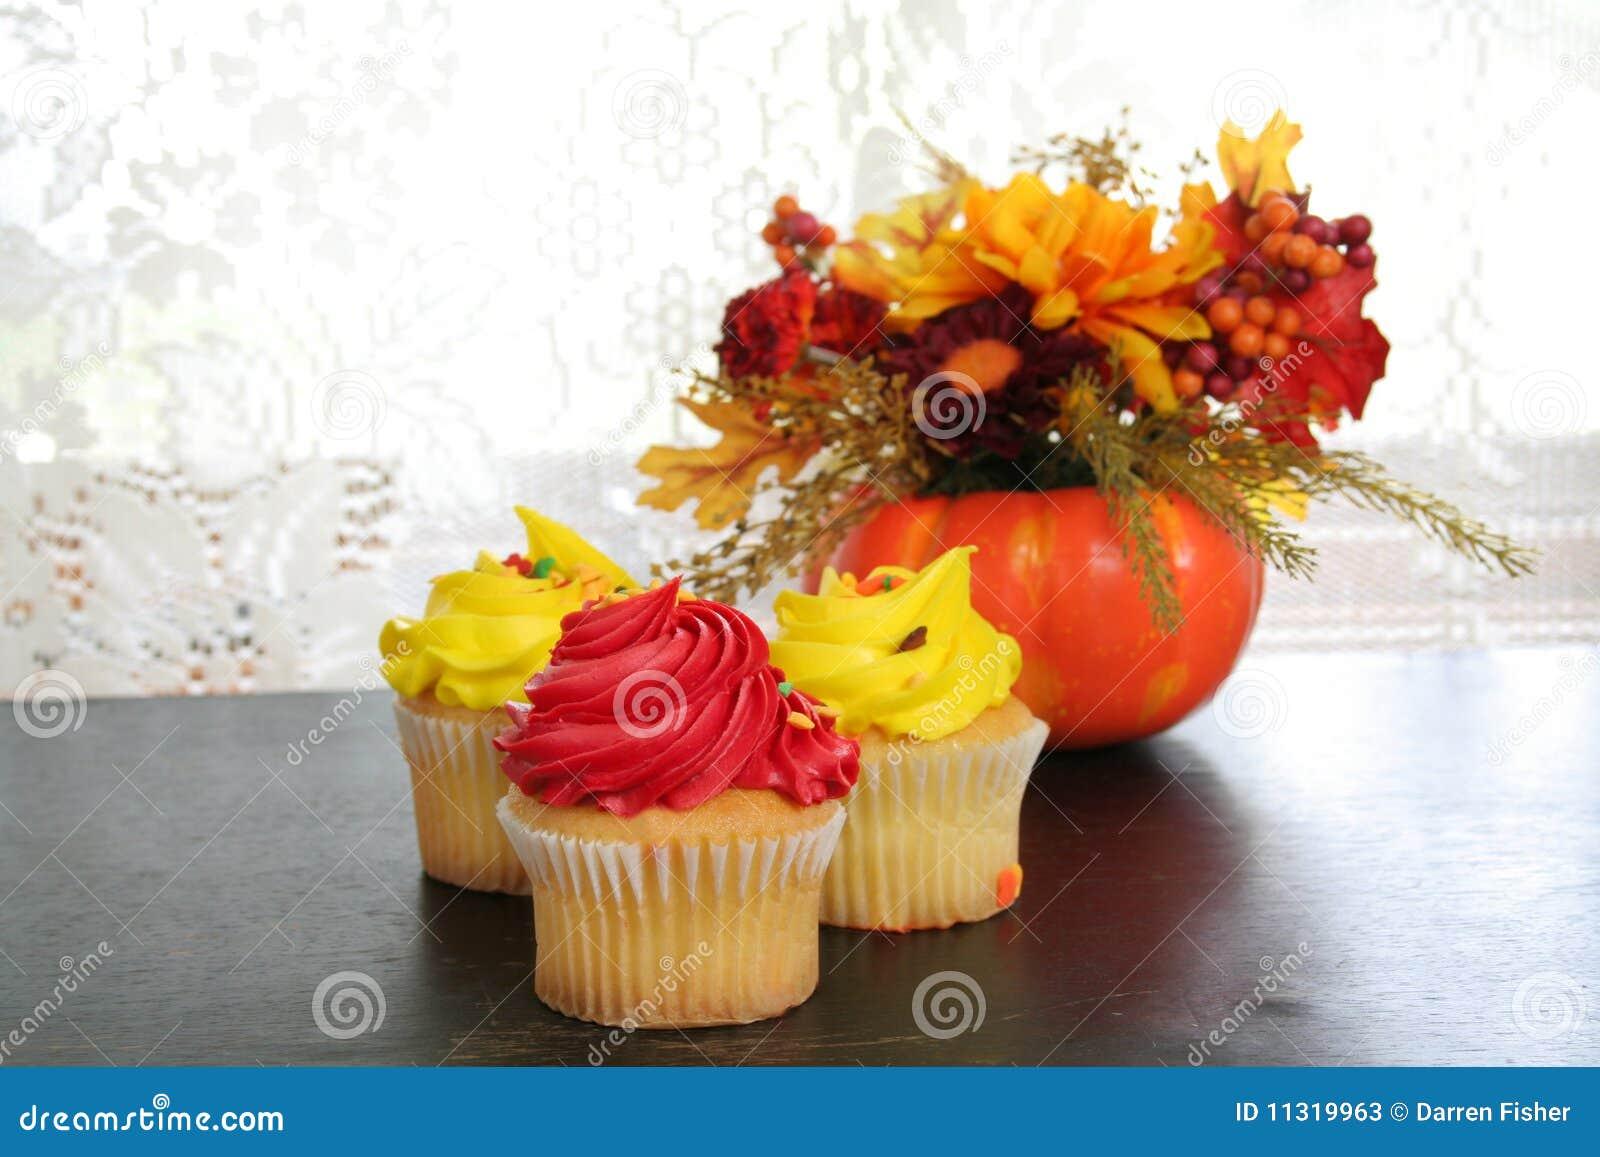 Bunter kleiner Kuchen